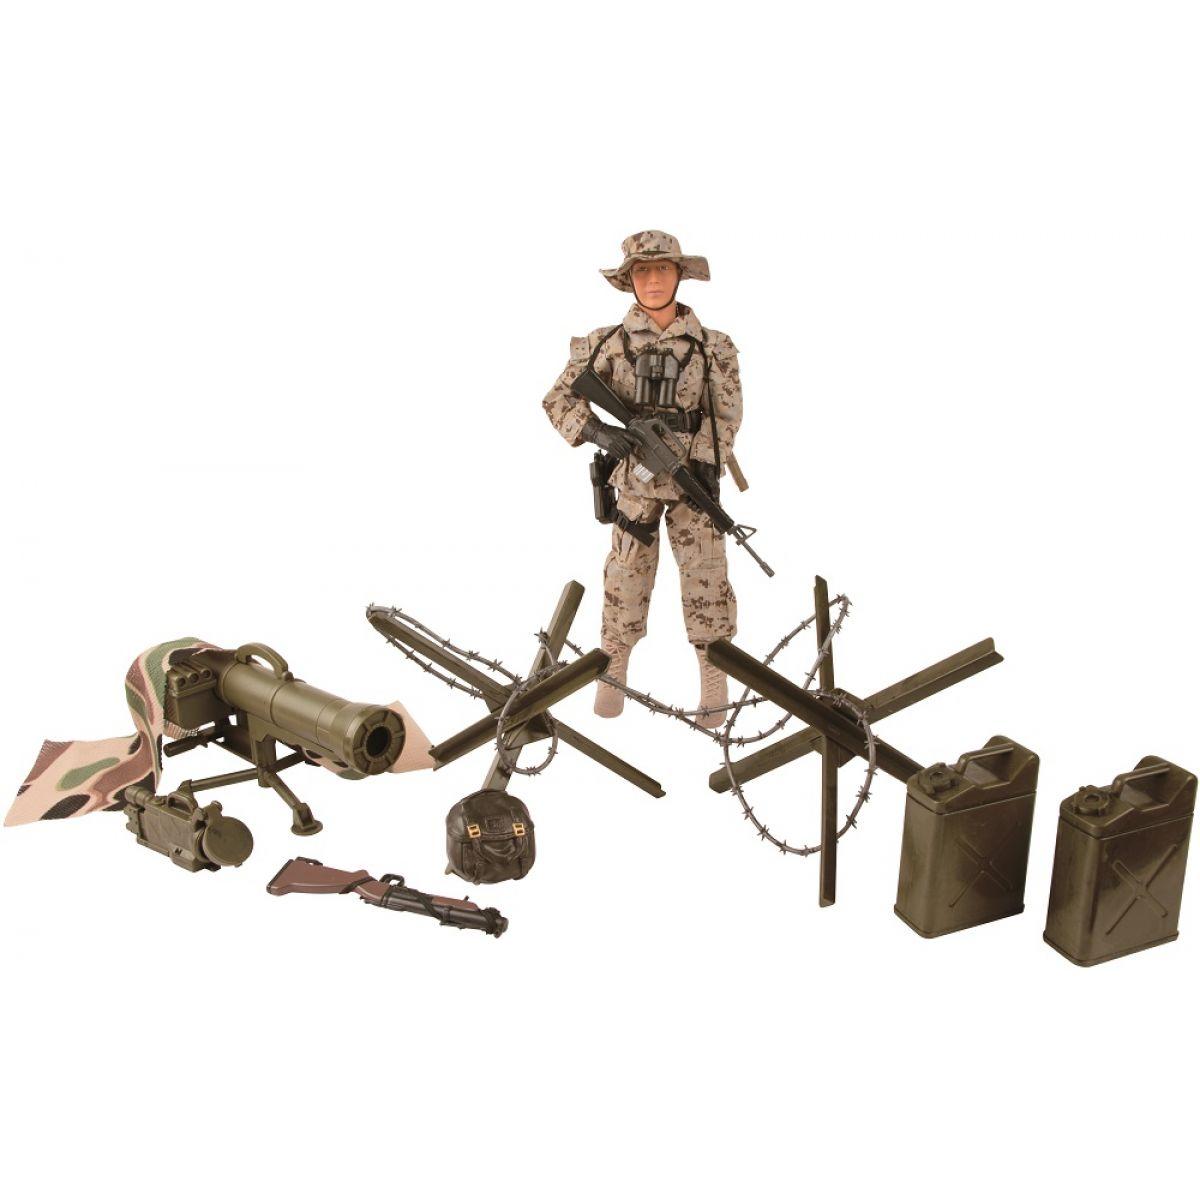 Akční figurky Peacekeepers 1:6 Námořní pěchota 30cm